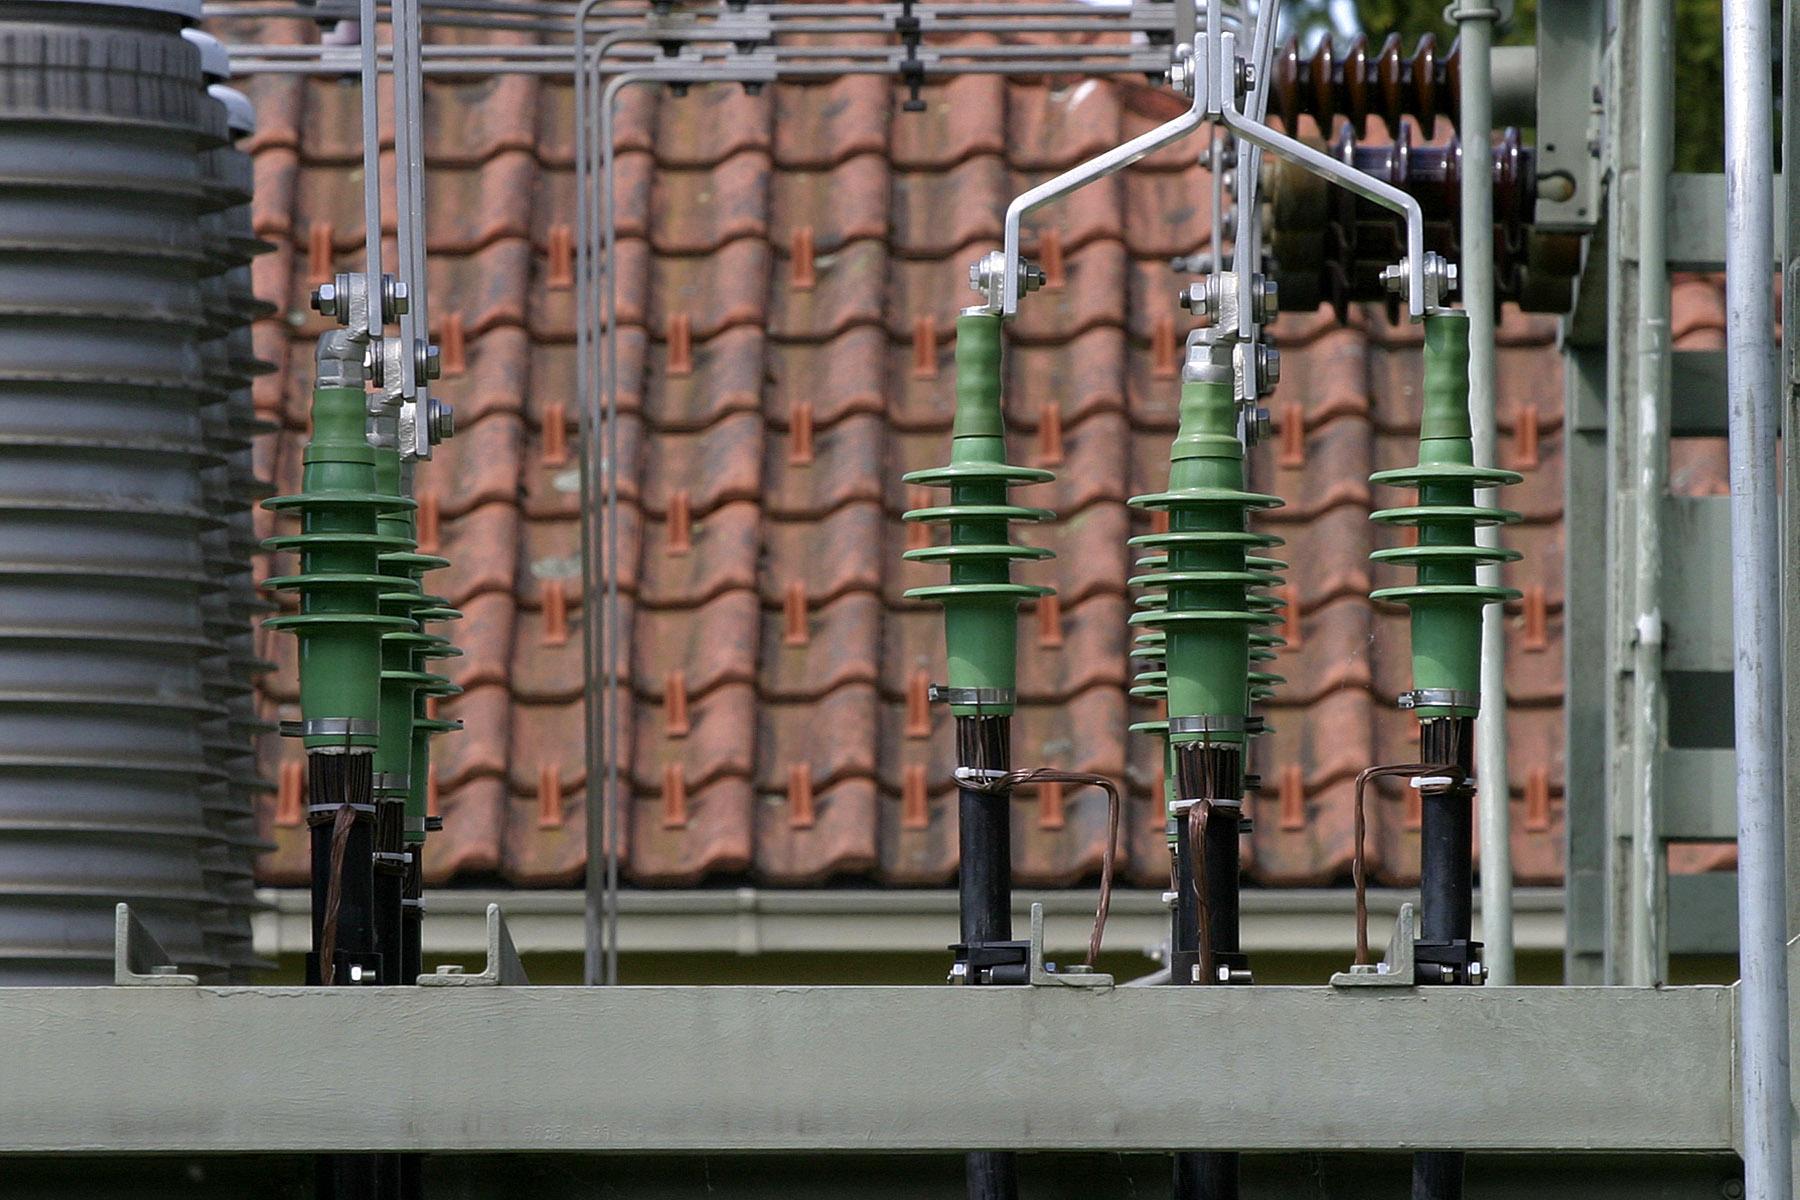 КВТ Концевые термоусаживаемые муфты 3КВТп-10, 3КНТп-10 27